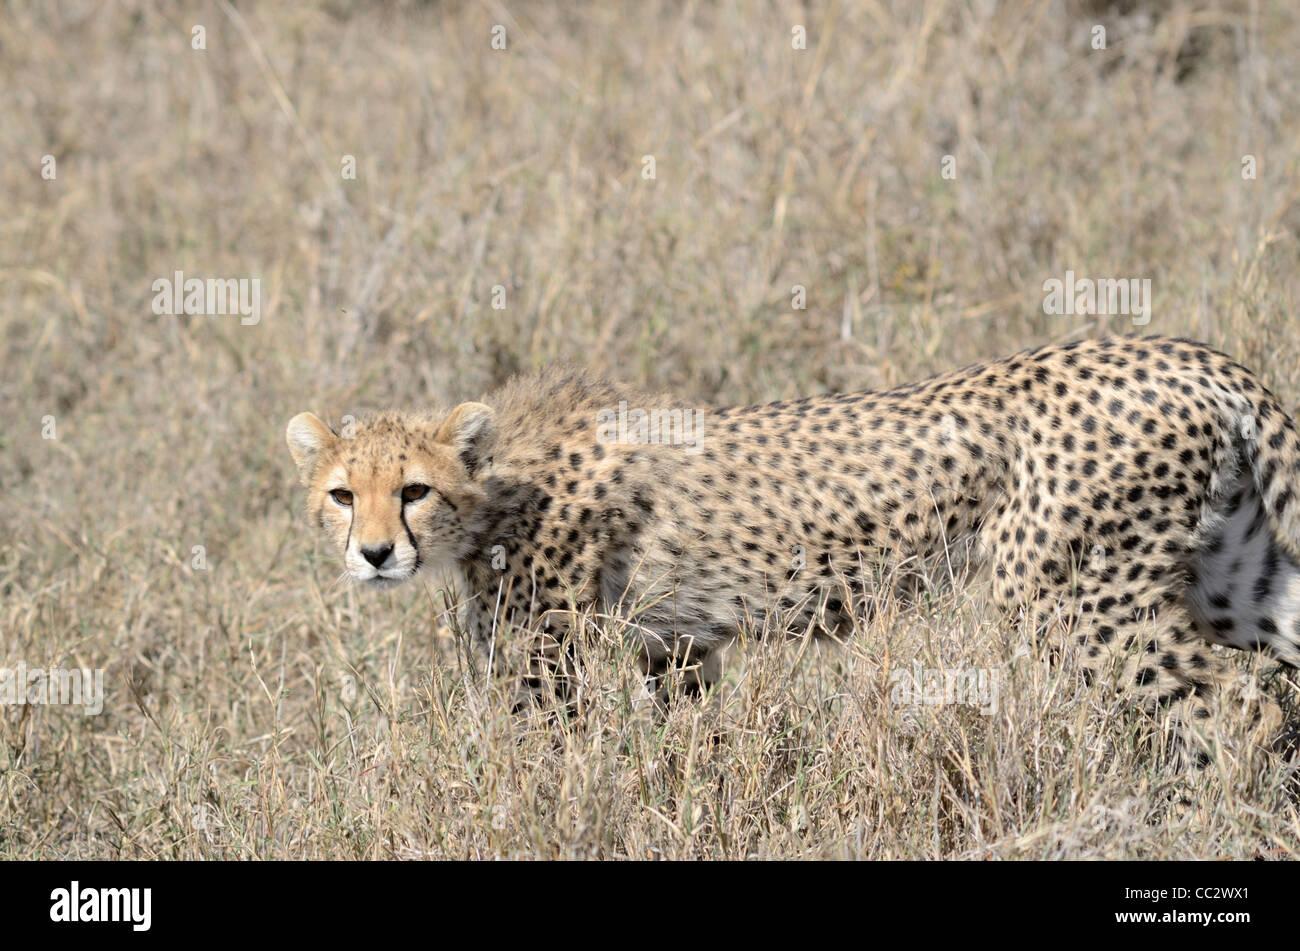 Cheetah cub (Acinonyx jubatus) Serengeti National Park Tanzania Africa - Stock Image